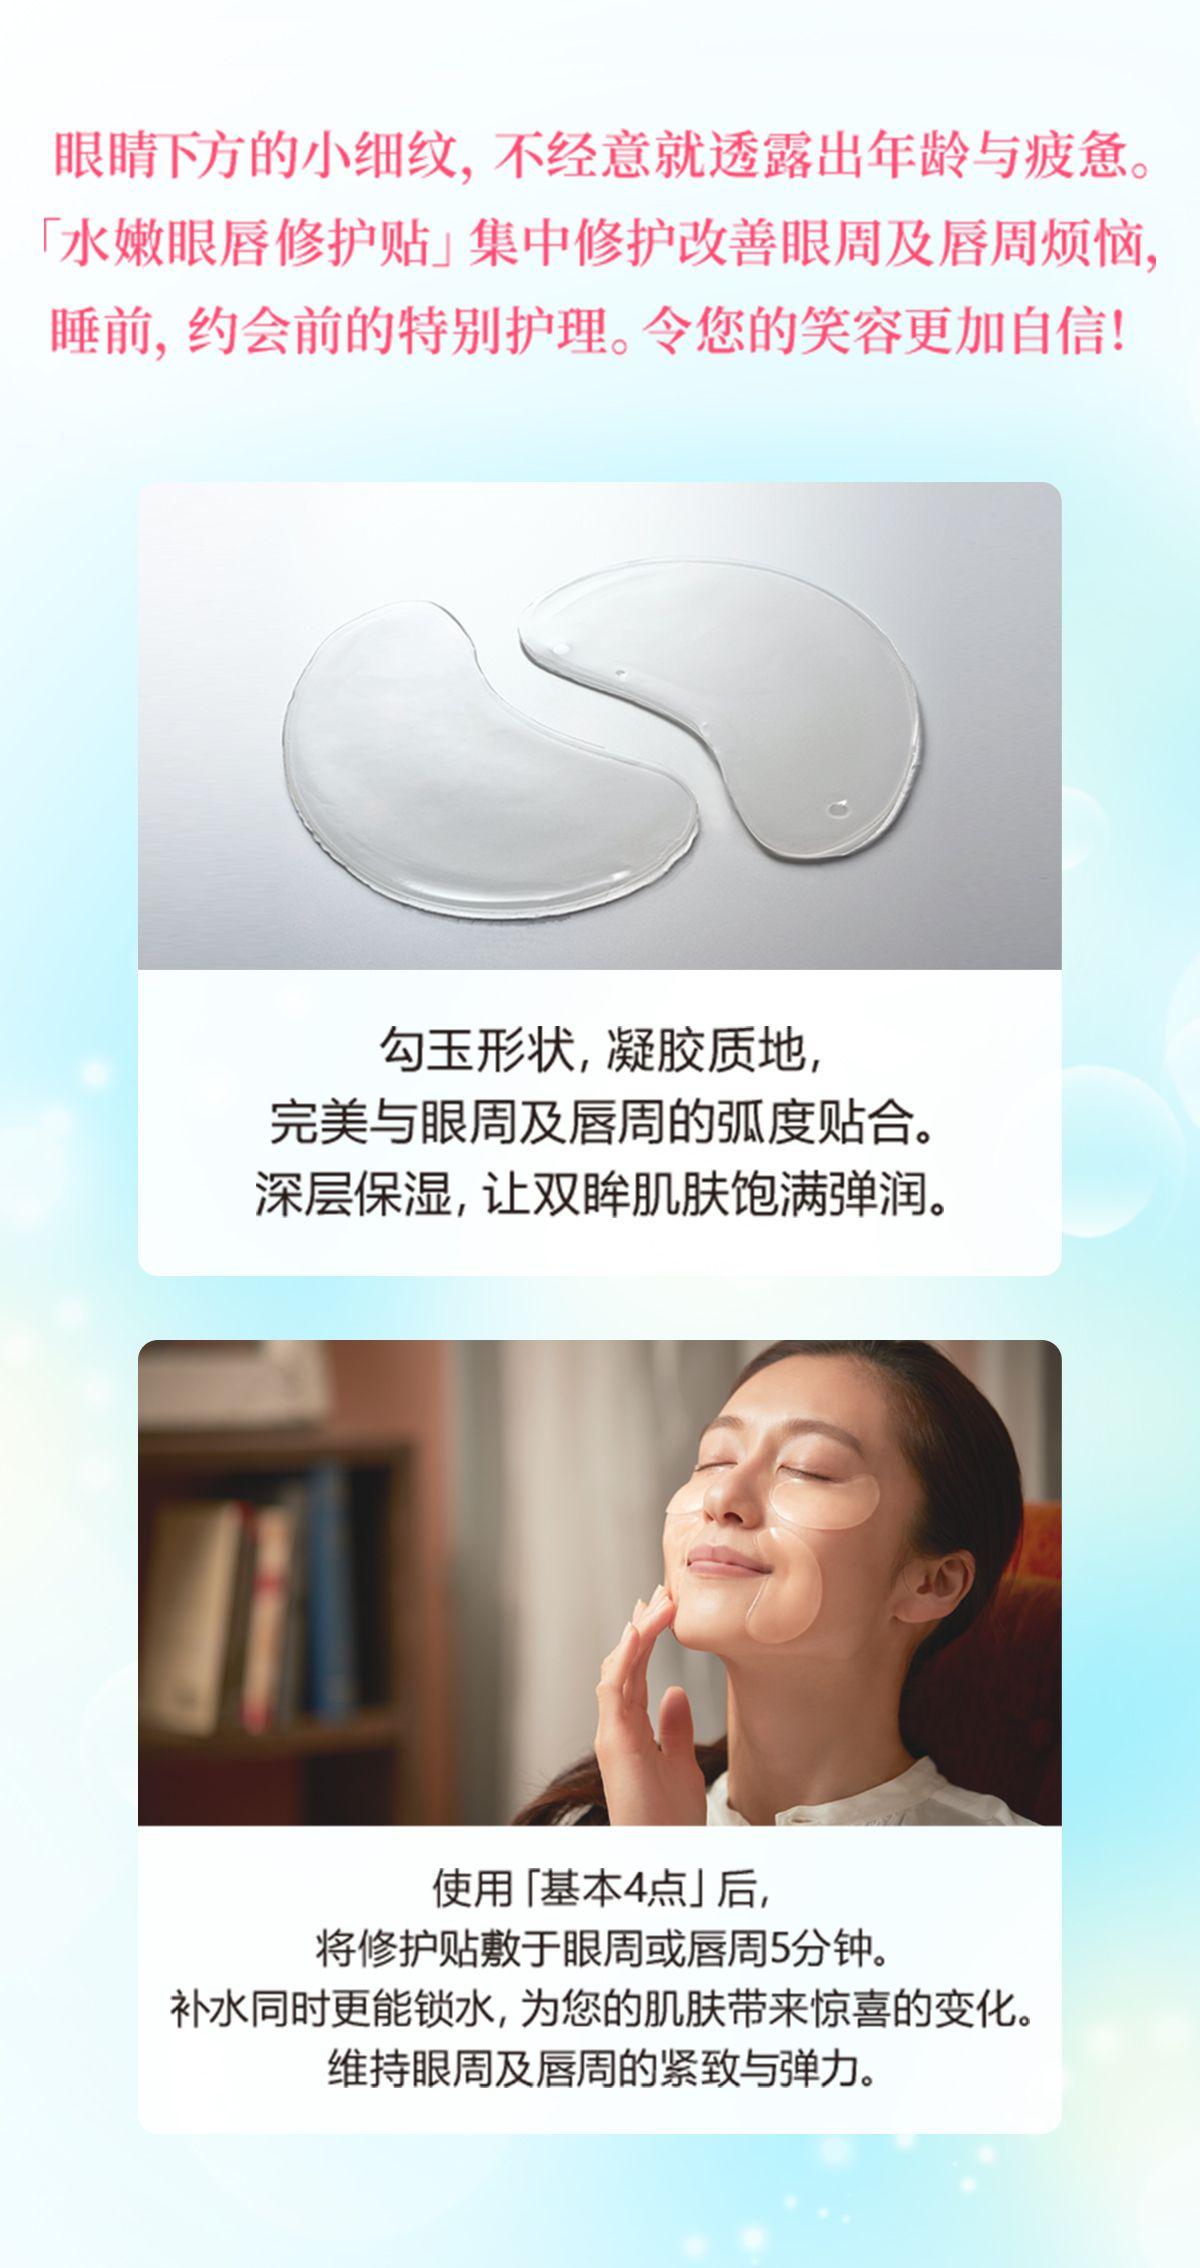 眼睛下方的小细纹,不经意就透露出年龄与疲惫。「水嫩眼唇修护贴」集中修护改善眼周及唇周烦恼,睡前,约会前的特别护理。令您的笑容更加自信! 勾玉形状,凝胶质地,完美与眼周及唇周的弧度贴合。深层保湿,让双眸肌肤饱满弹润。 使用「基本4点」后,将修护贴敷于眼周或唇周5分钟。补水同时更能锁水,为您的肌肤带来惊喜的变化。维持眼周及唇周的紧致与弹力。